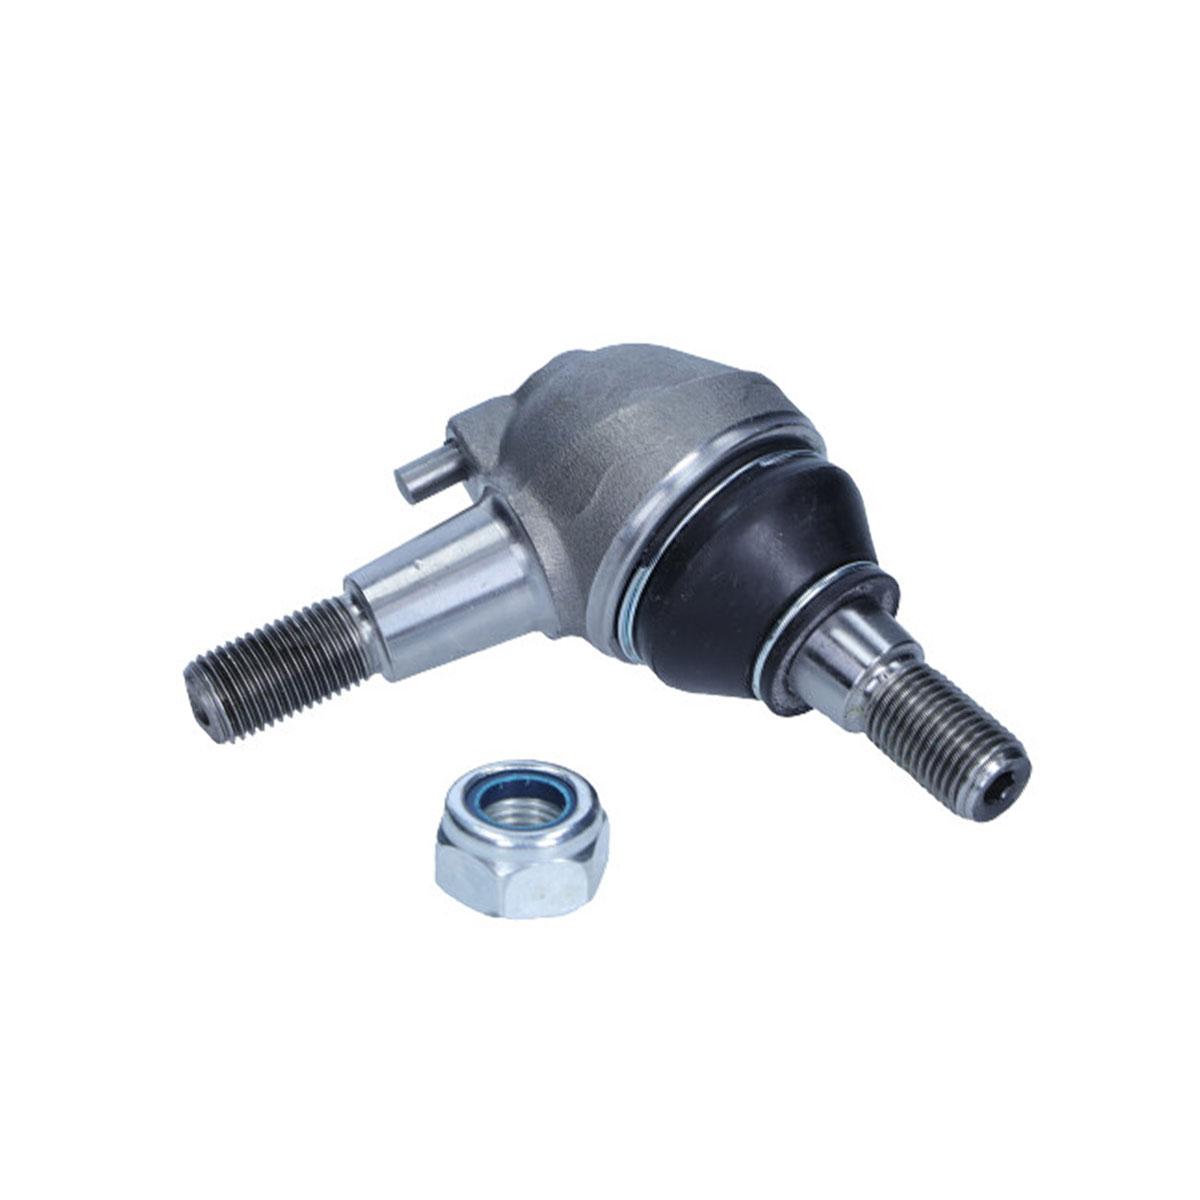 RA05021 Traggelenk Vorne für MERCEDES C-KL W202 S202 E-KL W210 W211 S210 S211